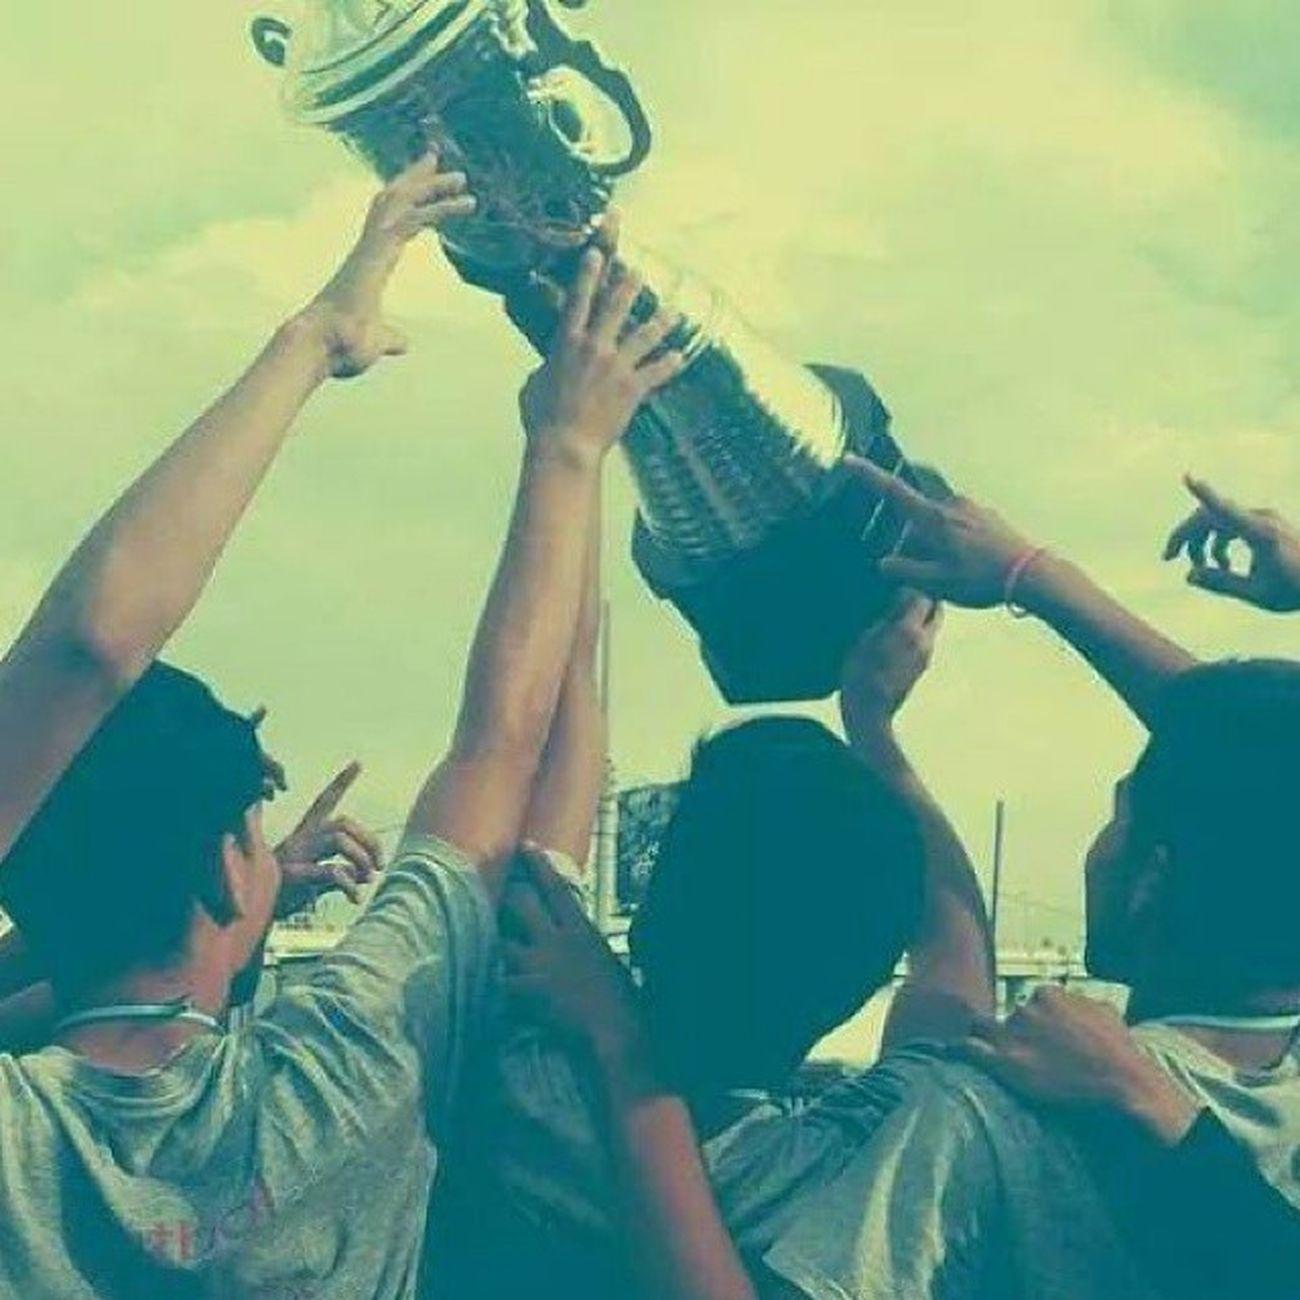 Pocas son las medallas que tengo, pero la que hemos ganado hoy es la mejor de todas. Hoy tocamos la gloria :3 RealGuasaraposFC Campeao LaPrimeraDeMuchas